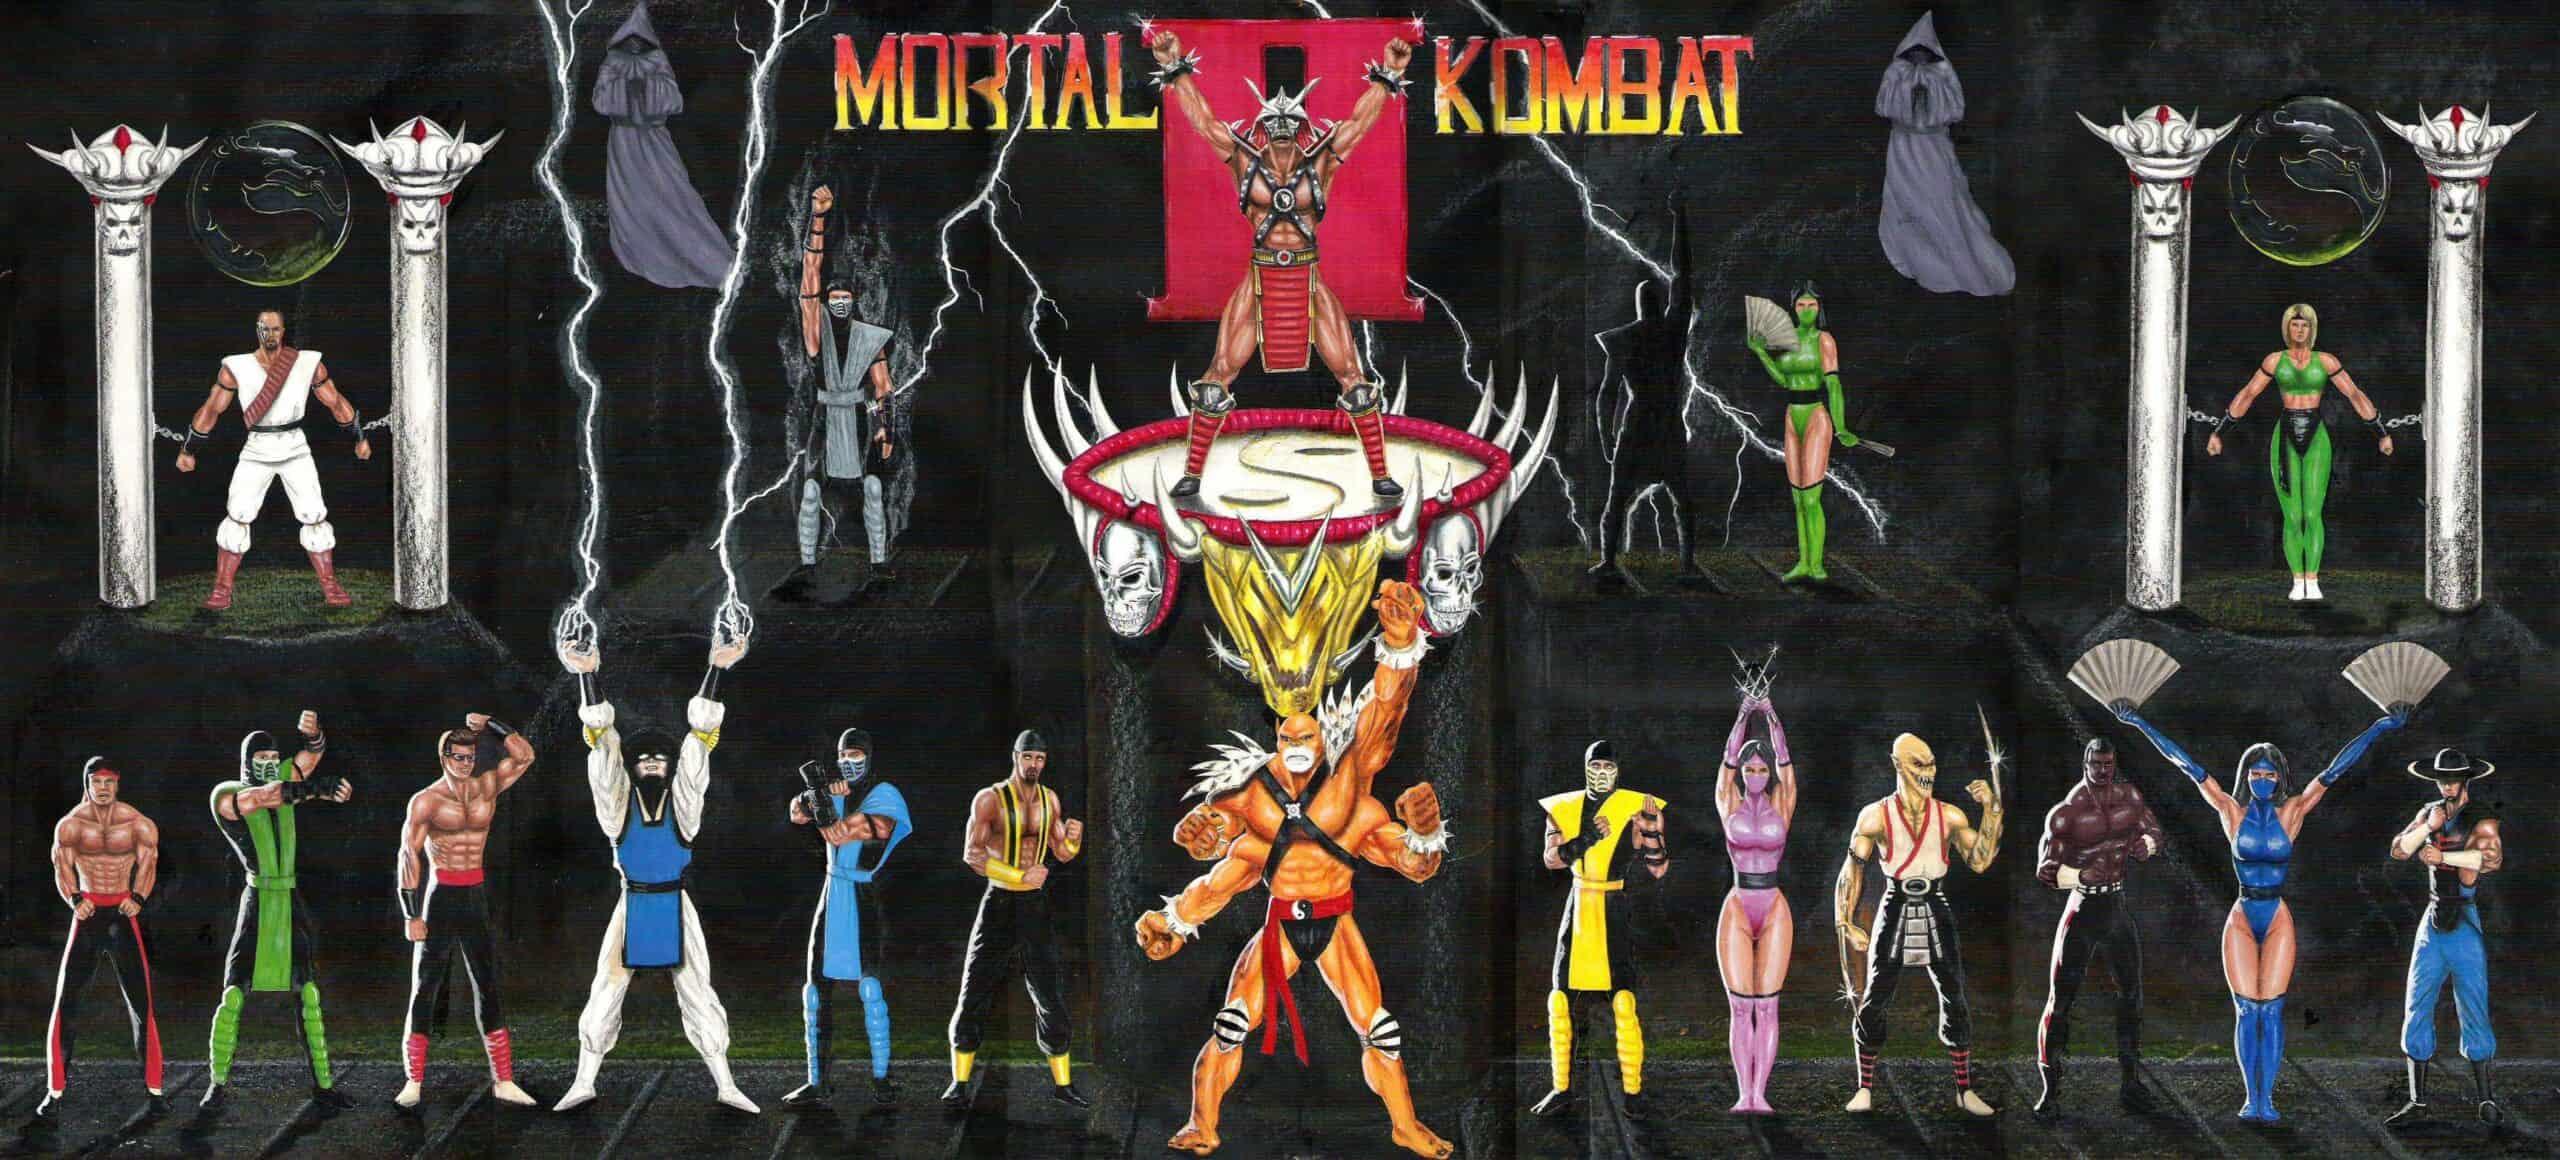 Best Fighting Games - Mortal Kombat II